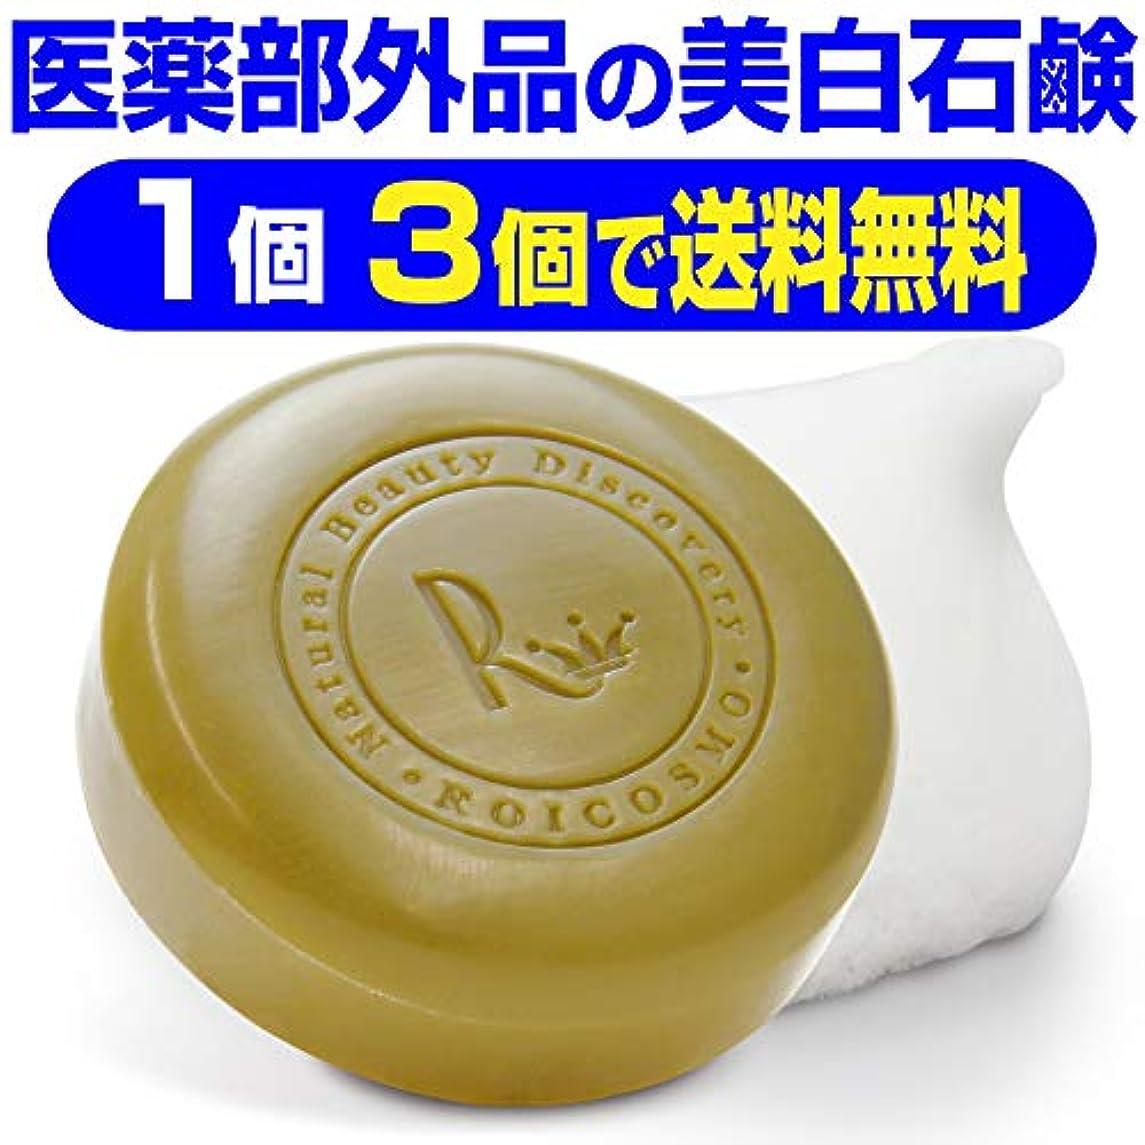 到着偽物窓美白石鹸/ビタミンC270倍の美白成分配合の 洗顔石鹸 固形『ホワイトソープ100g×1個』